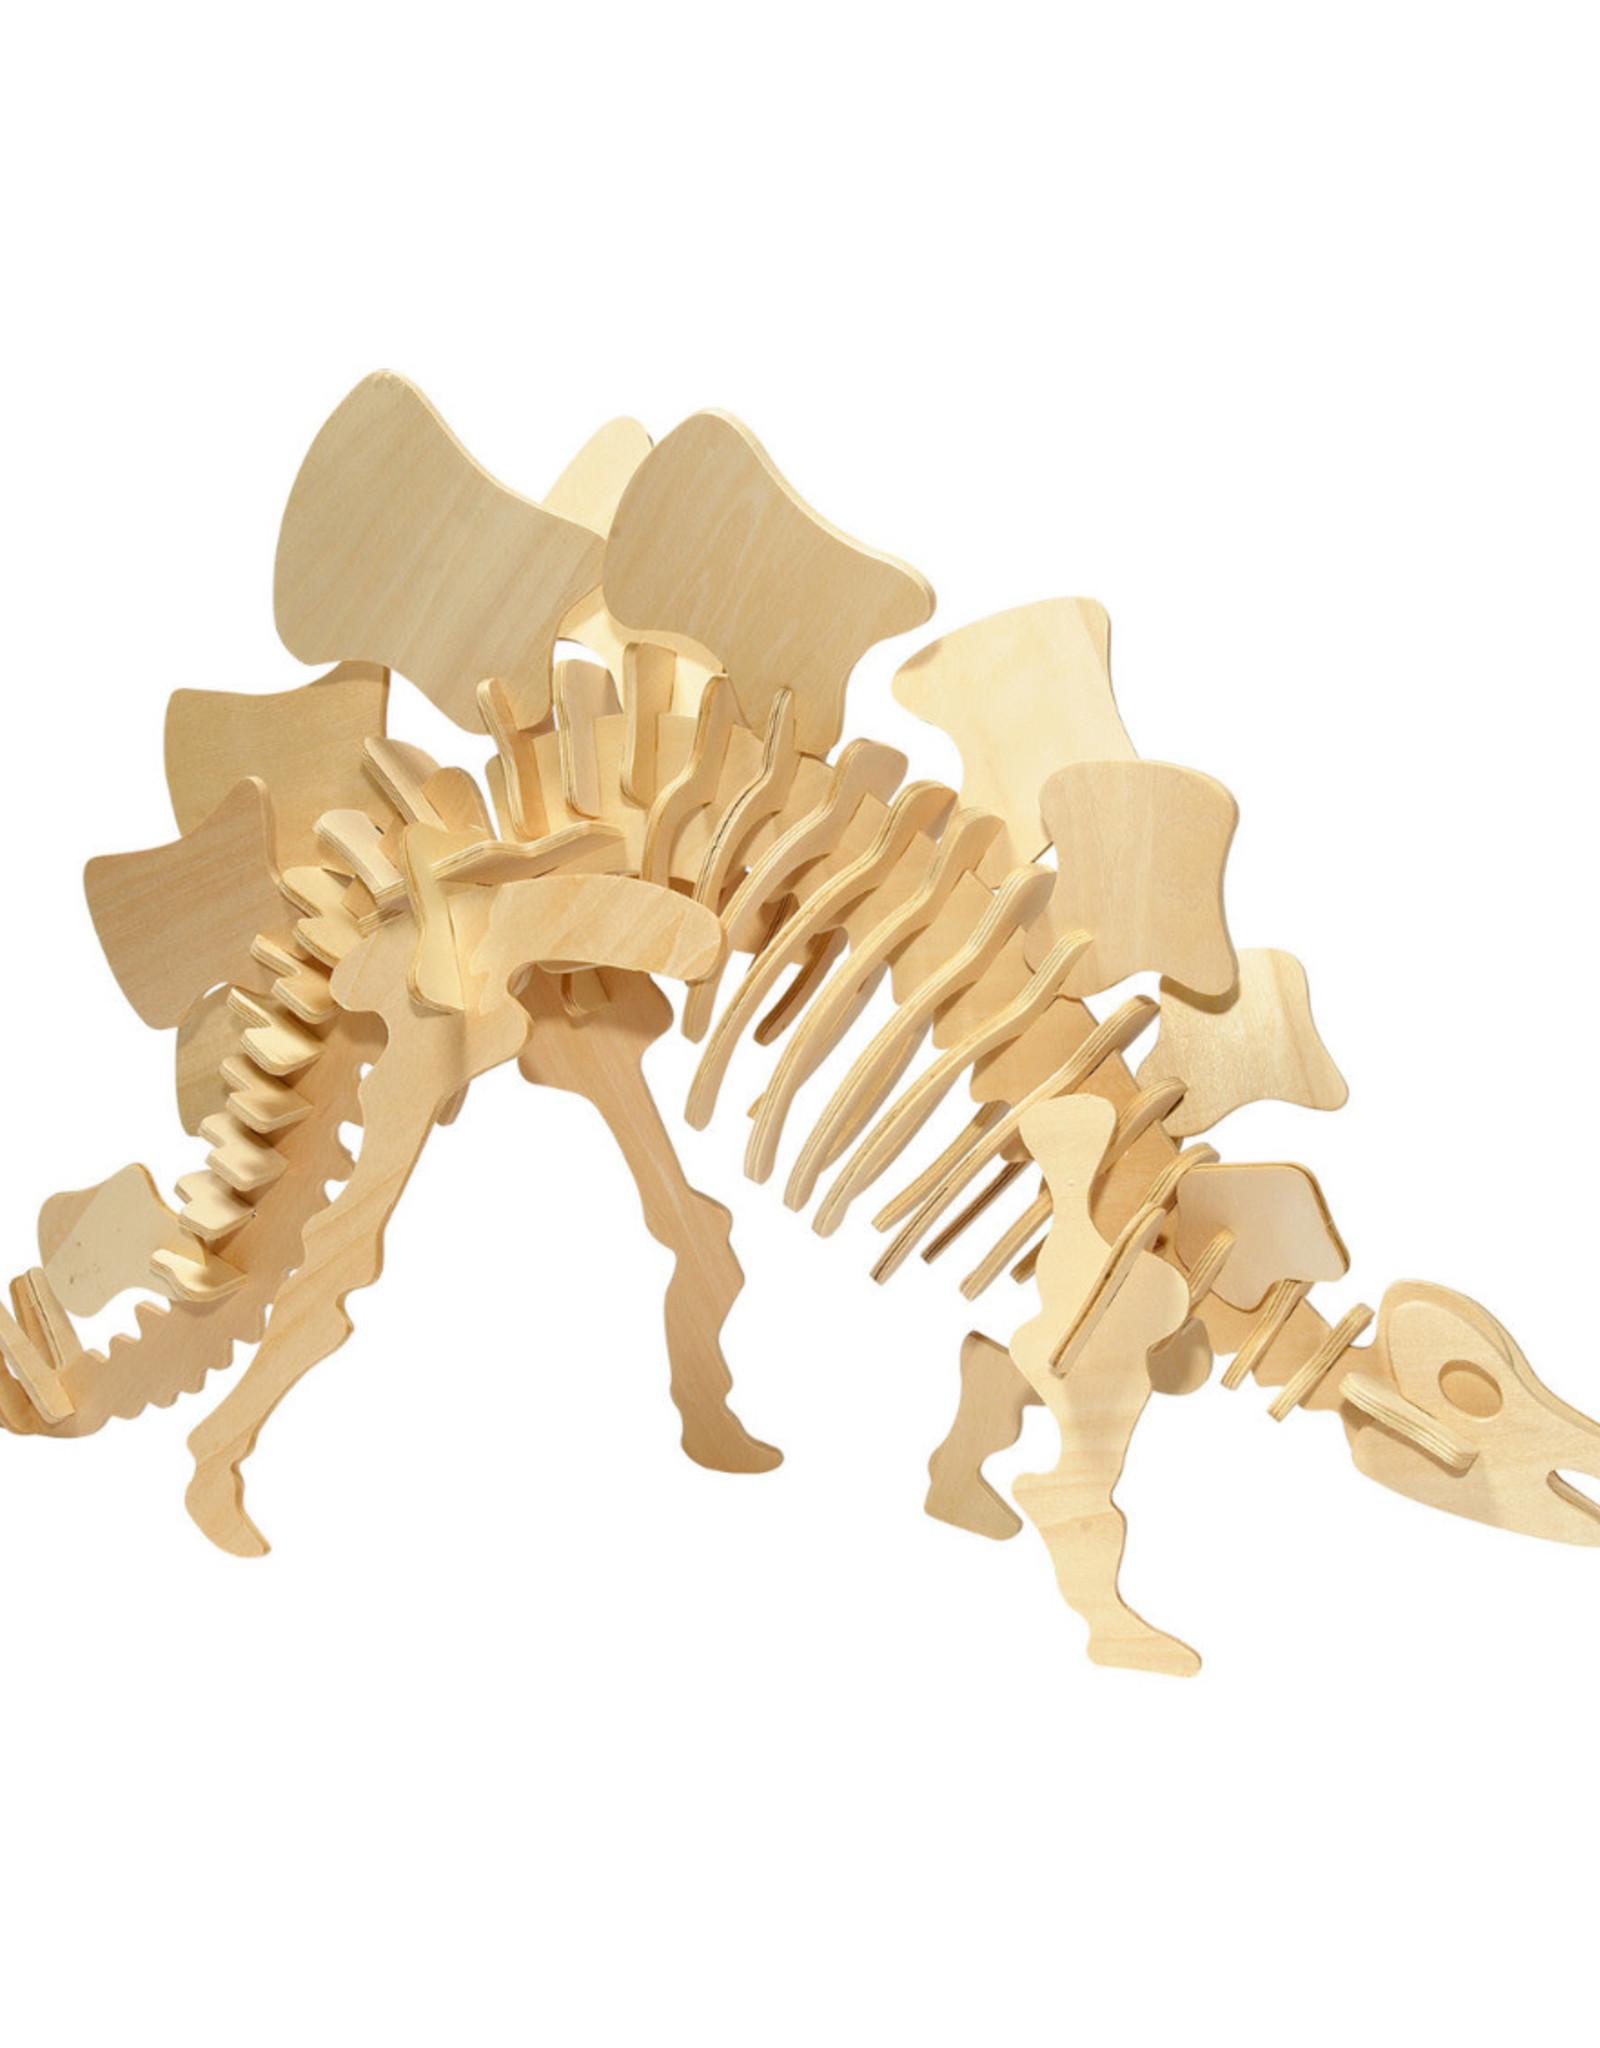 Heebie Jeebies Dino Kit Small Stegosaurus